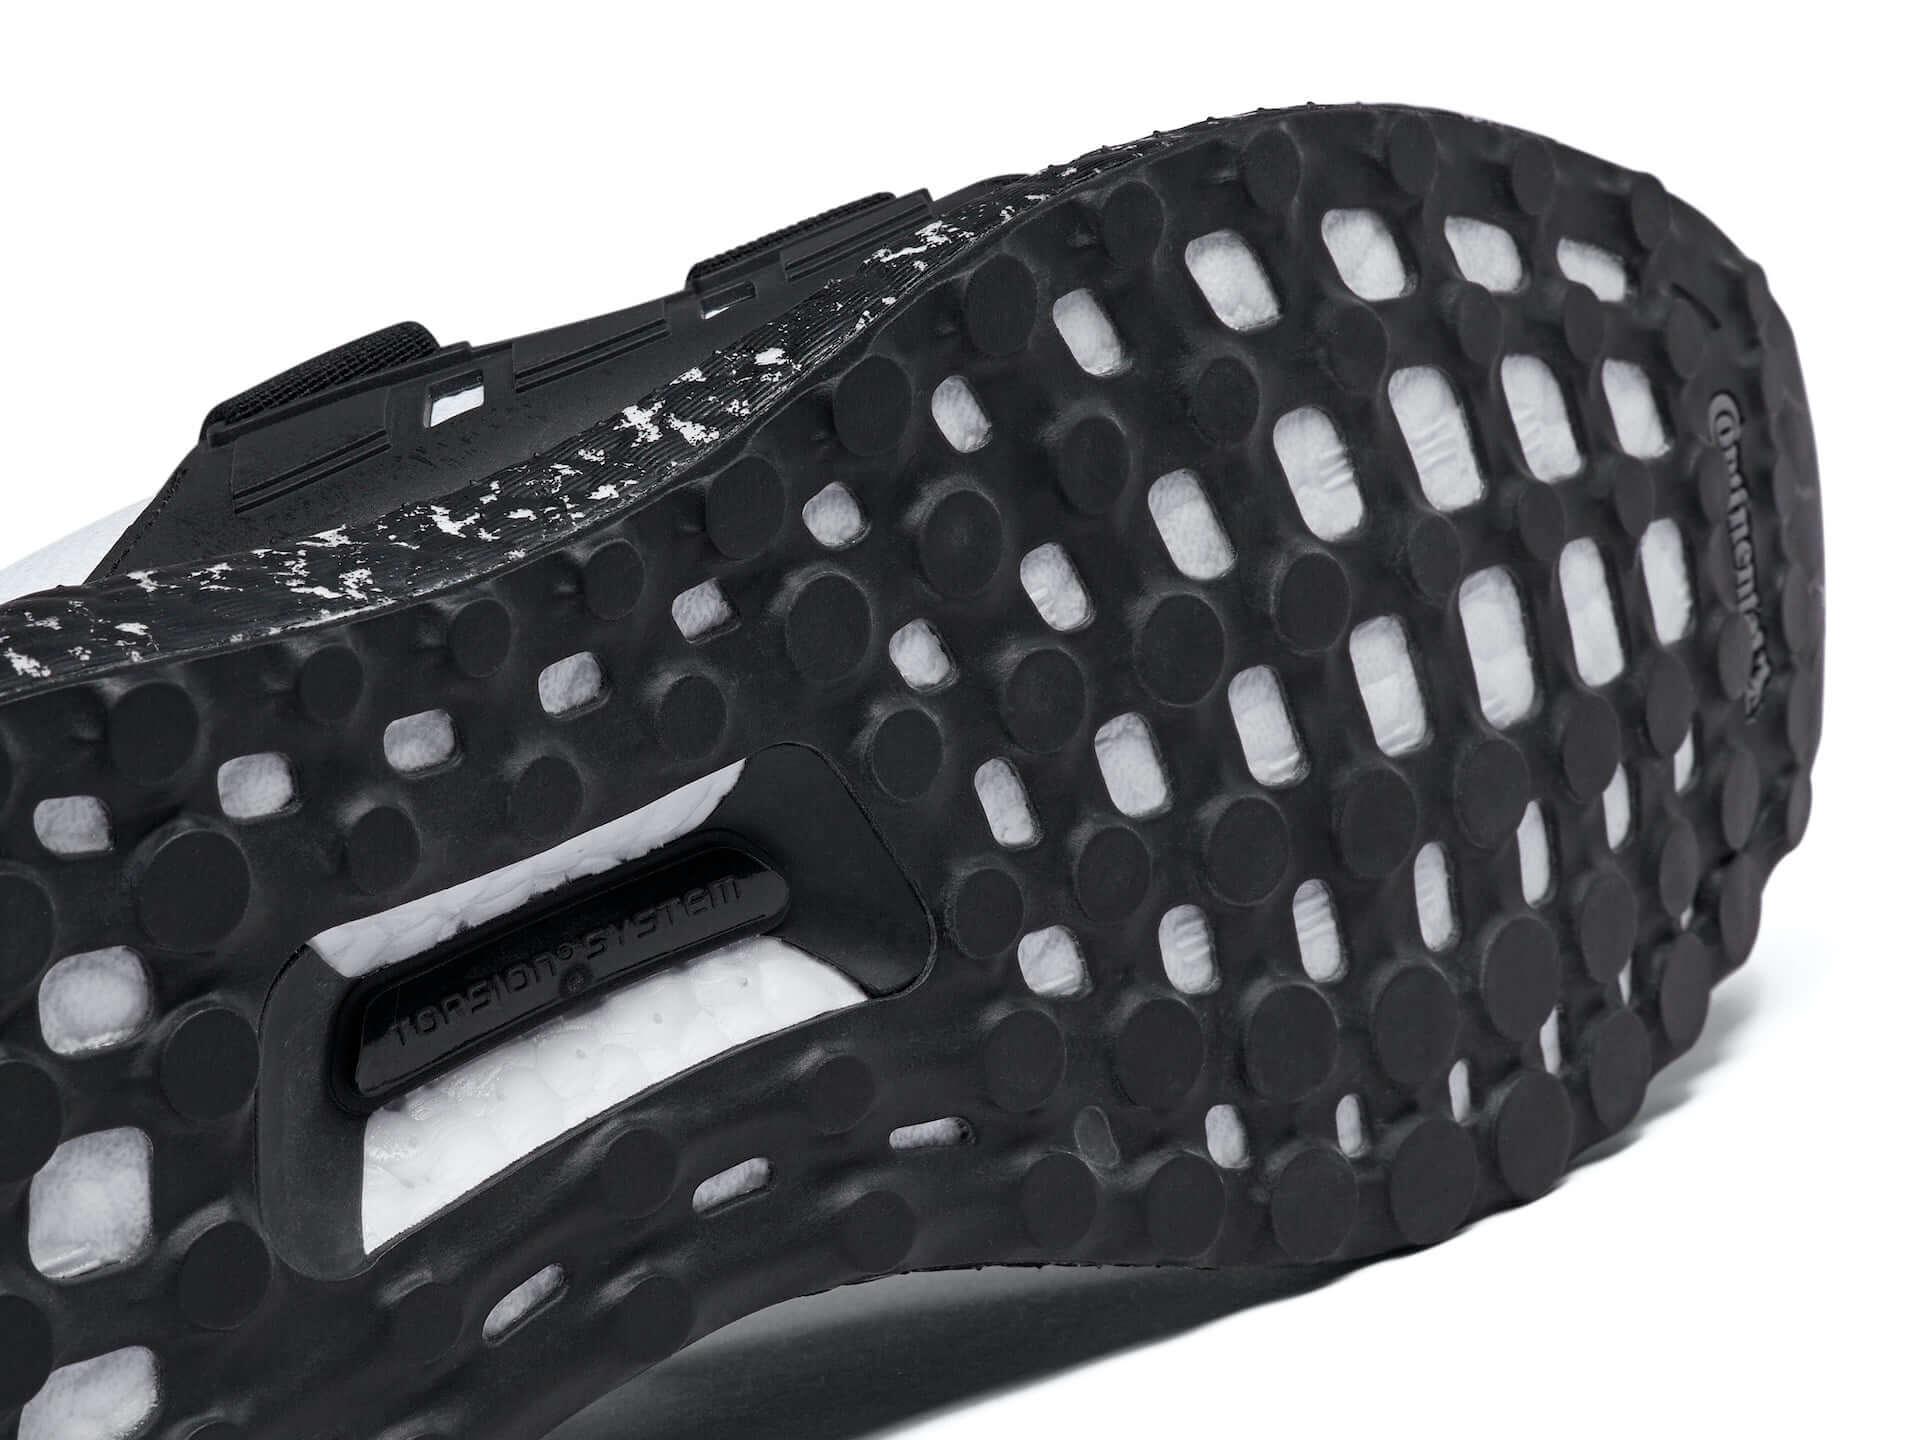 アディダスとHYKEのコラボコレクションが日本で先行発売決定!日本限定仕様の『ULTRABOOST』も登場 lf200520_adidas_hyke_11-1920x1440